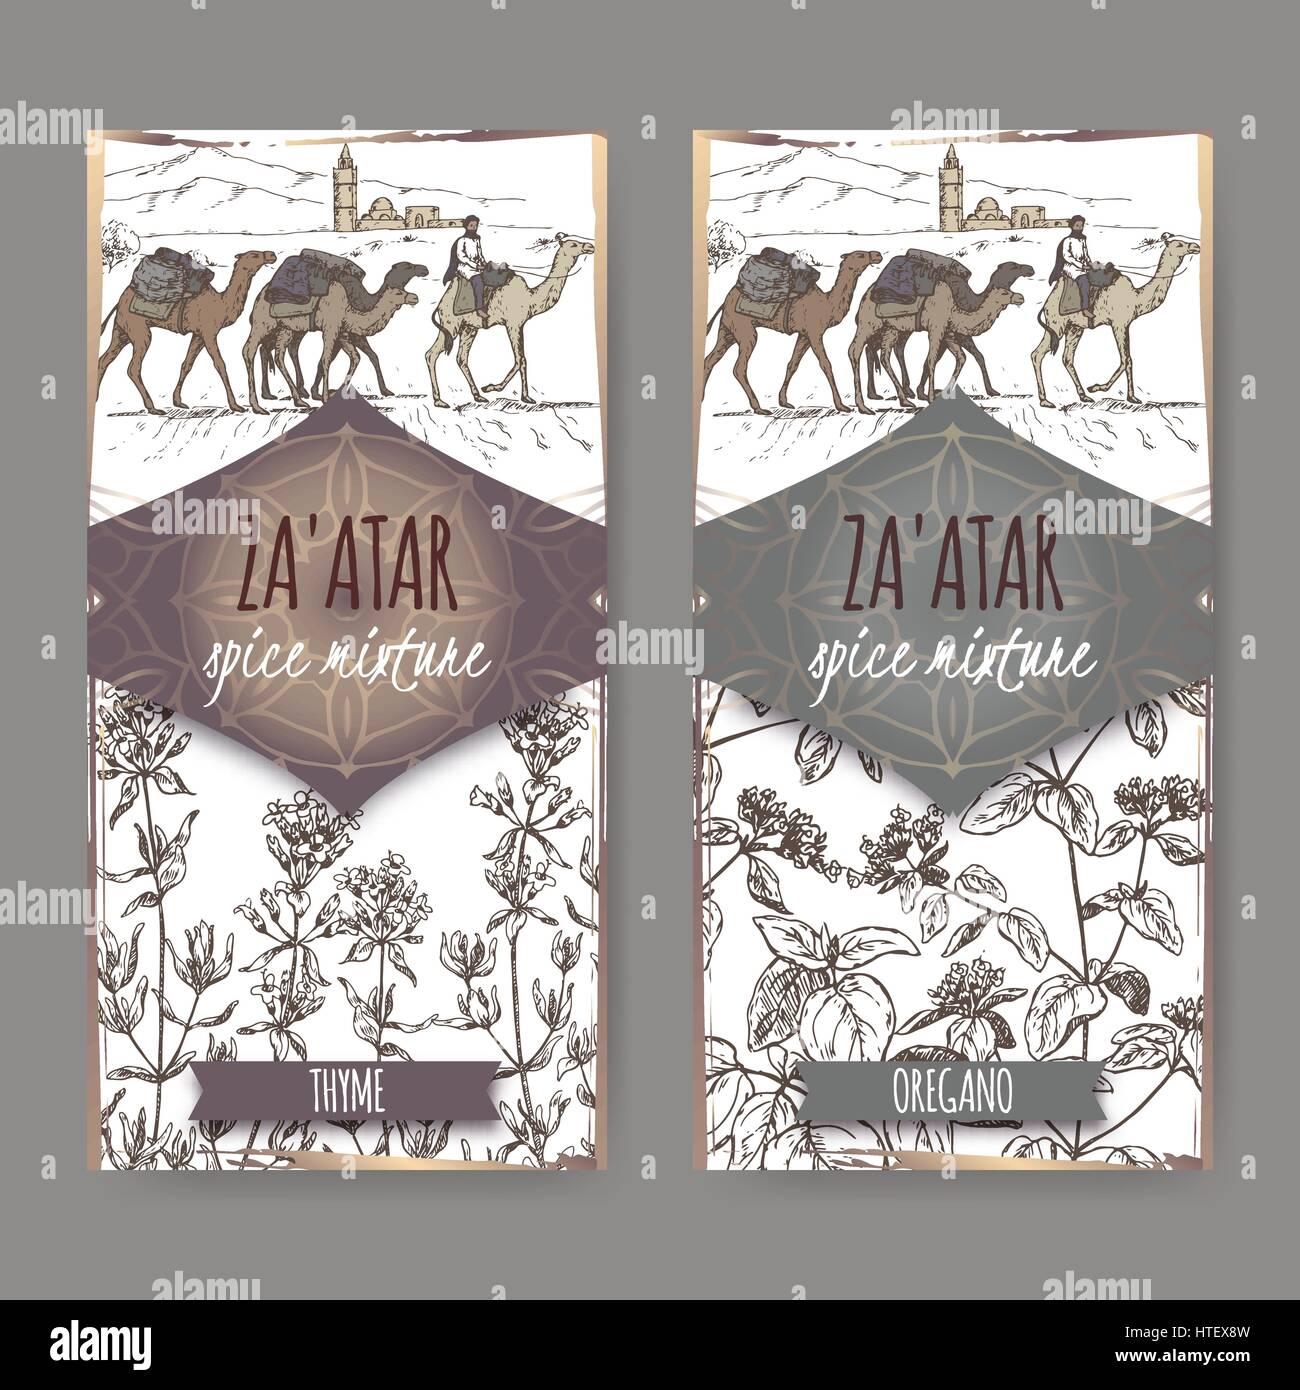 Zwei Zaatar Spice Mischung Etiketten mit Kamel trainieren und Wüste ...